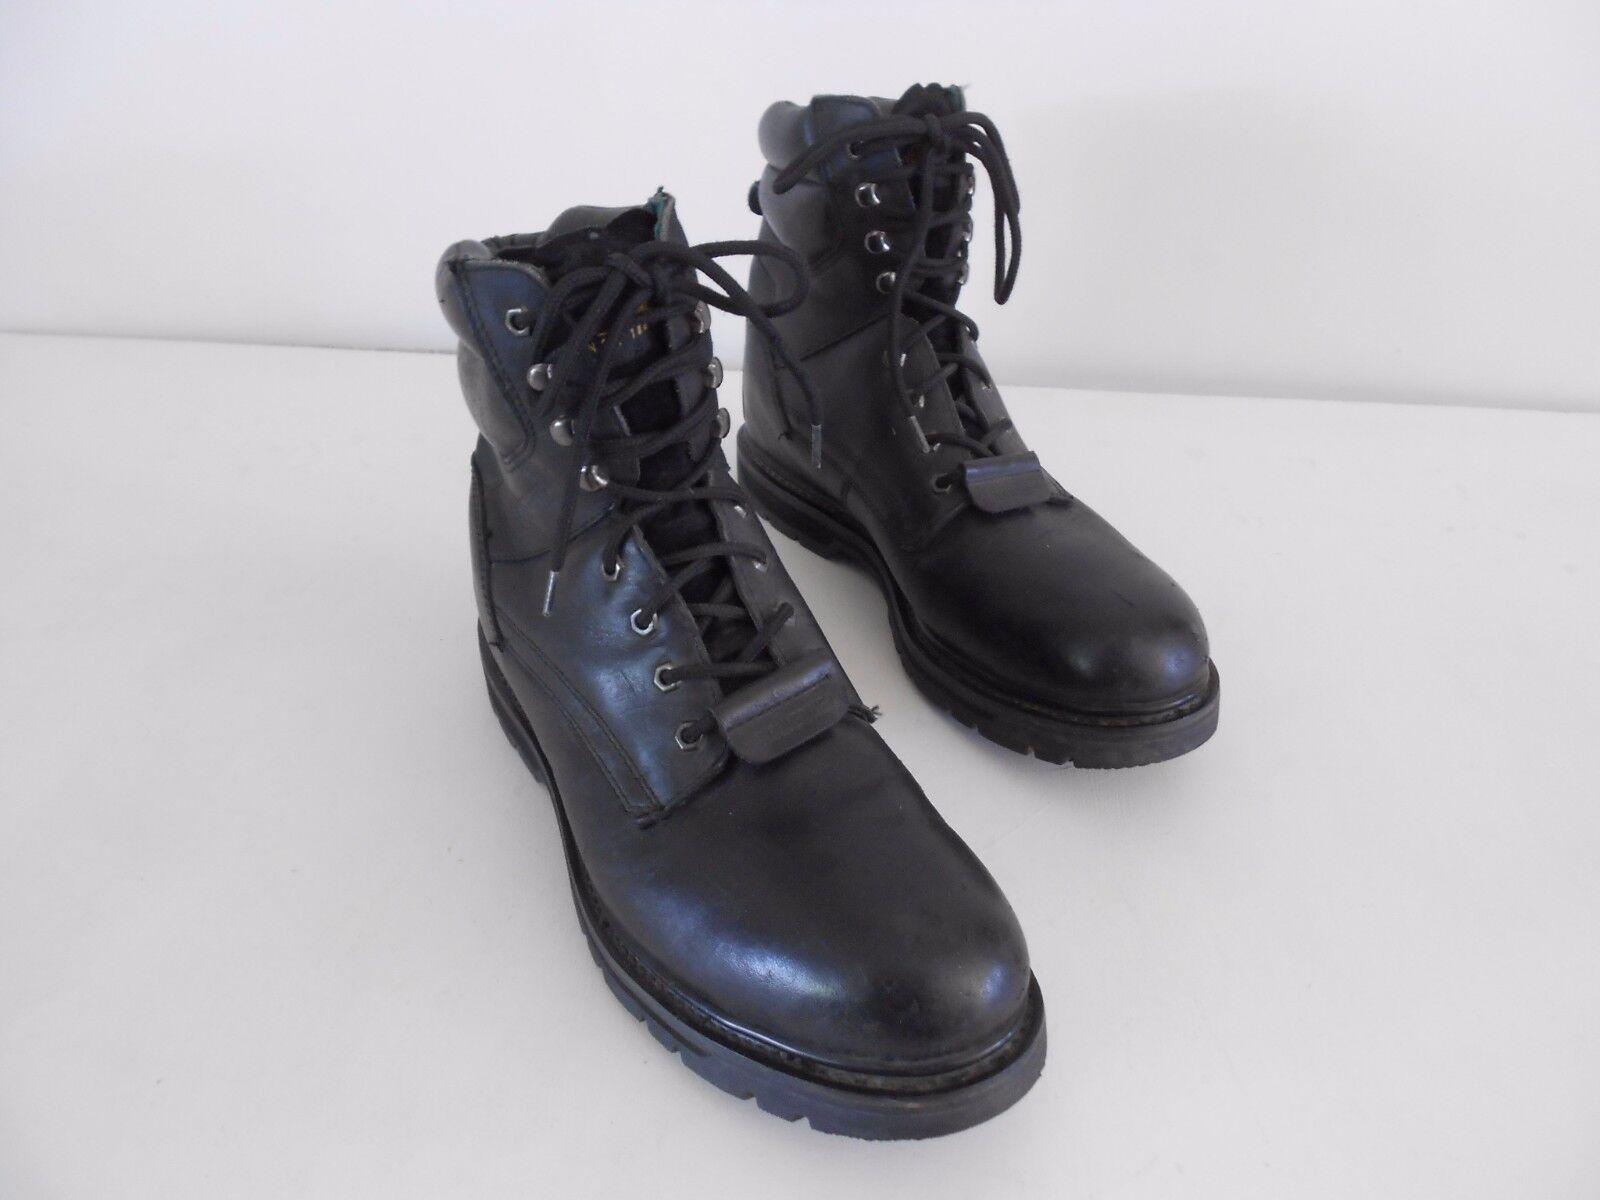 Uomini d'acciaio / gli stivali a wolverine. / d'acciaio lavoro blk cuoio usa 12 med 03165 ad2c0b